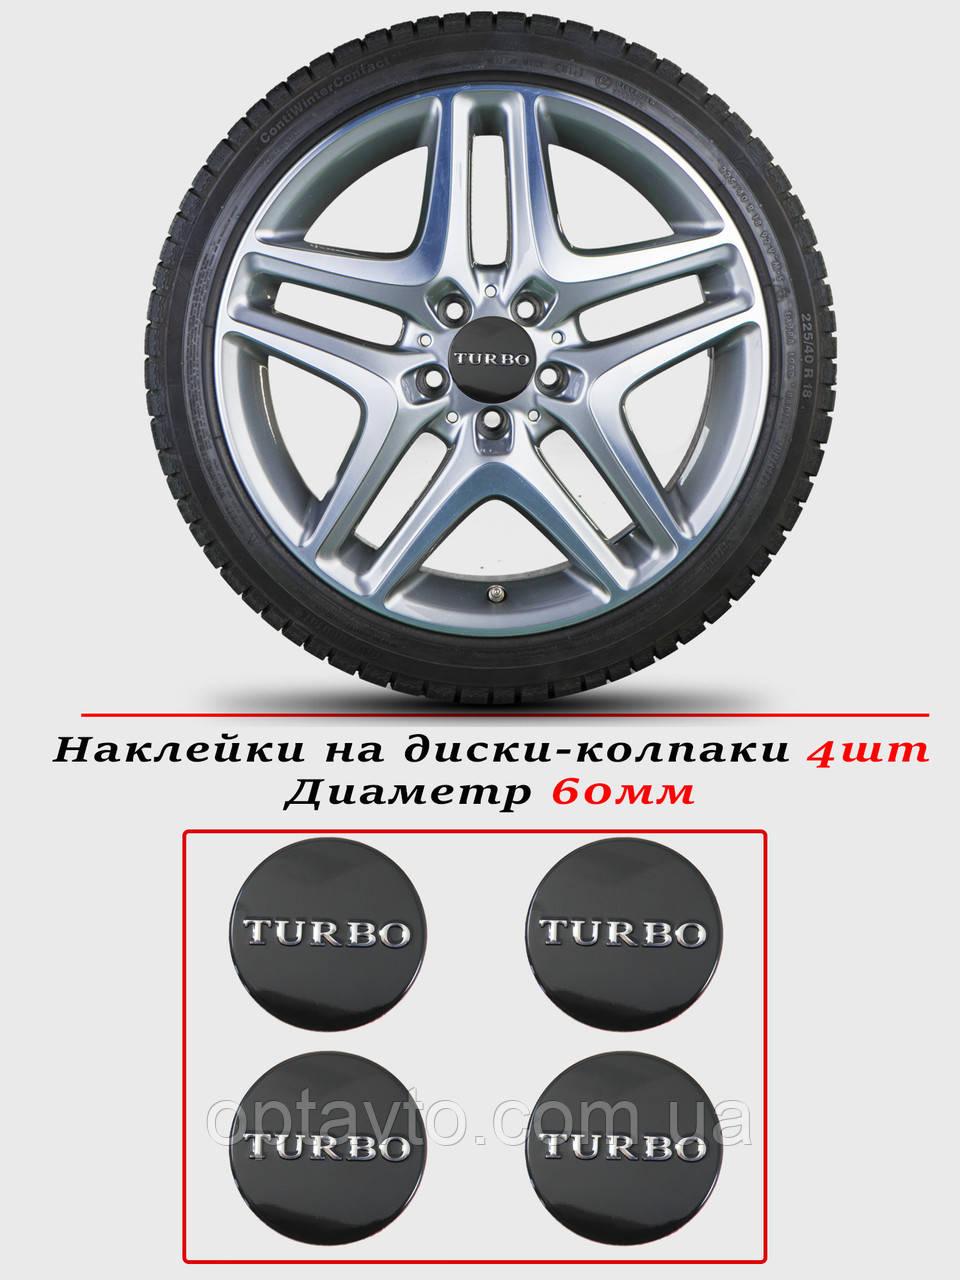 Наклейки на автомобильные колпаки и диски / комплект / диаметр 60 мм / TURBO